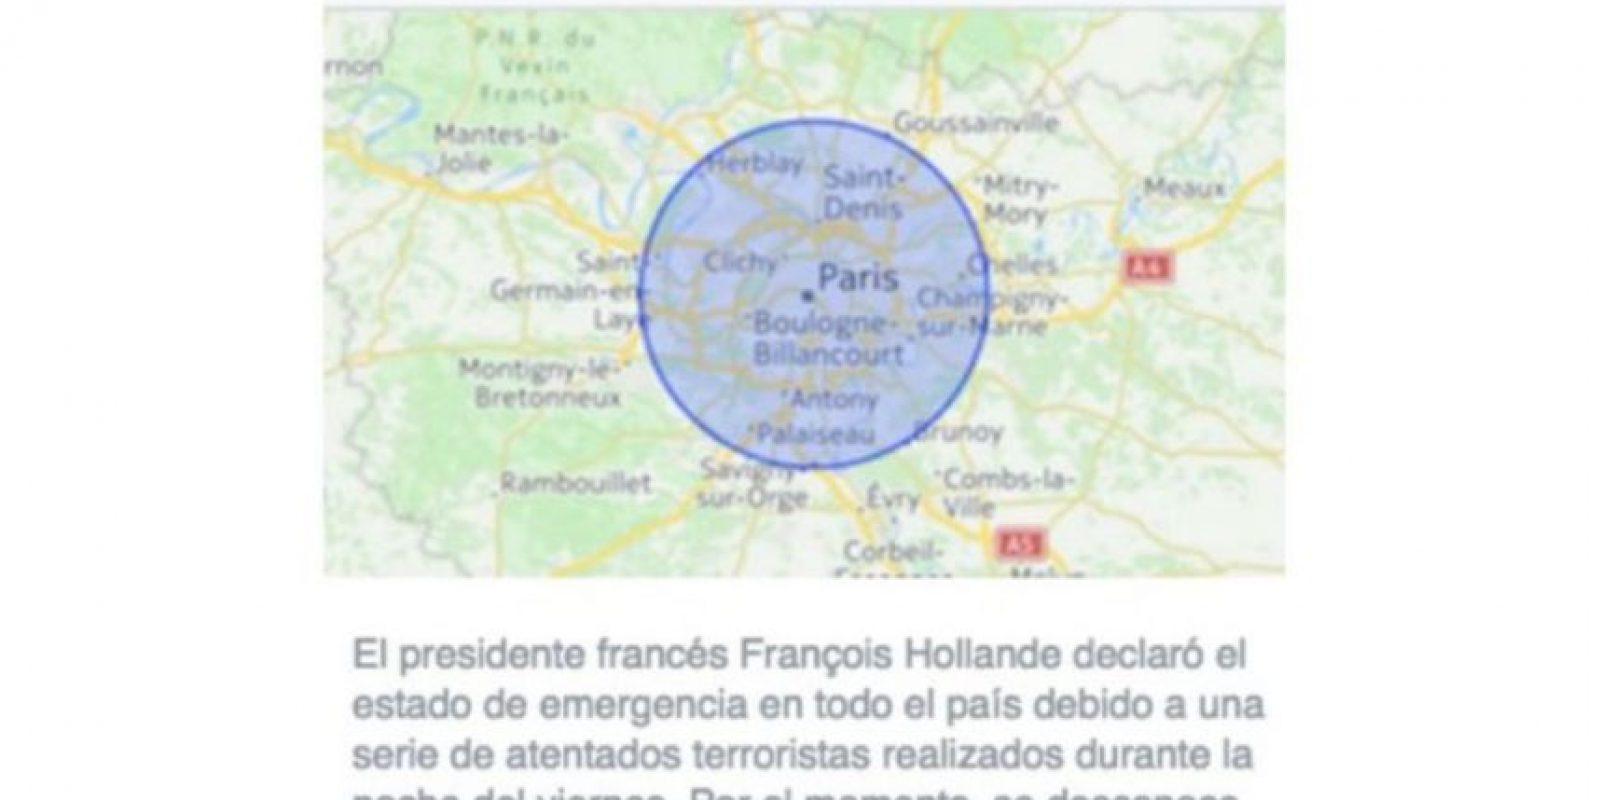 De acuerdo con reportes oficiales, 129 personas perdieron la vida. Foto:Facebook